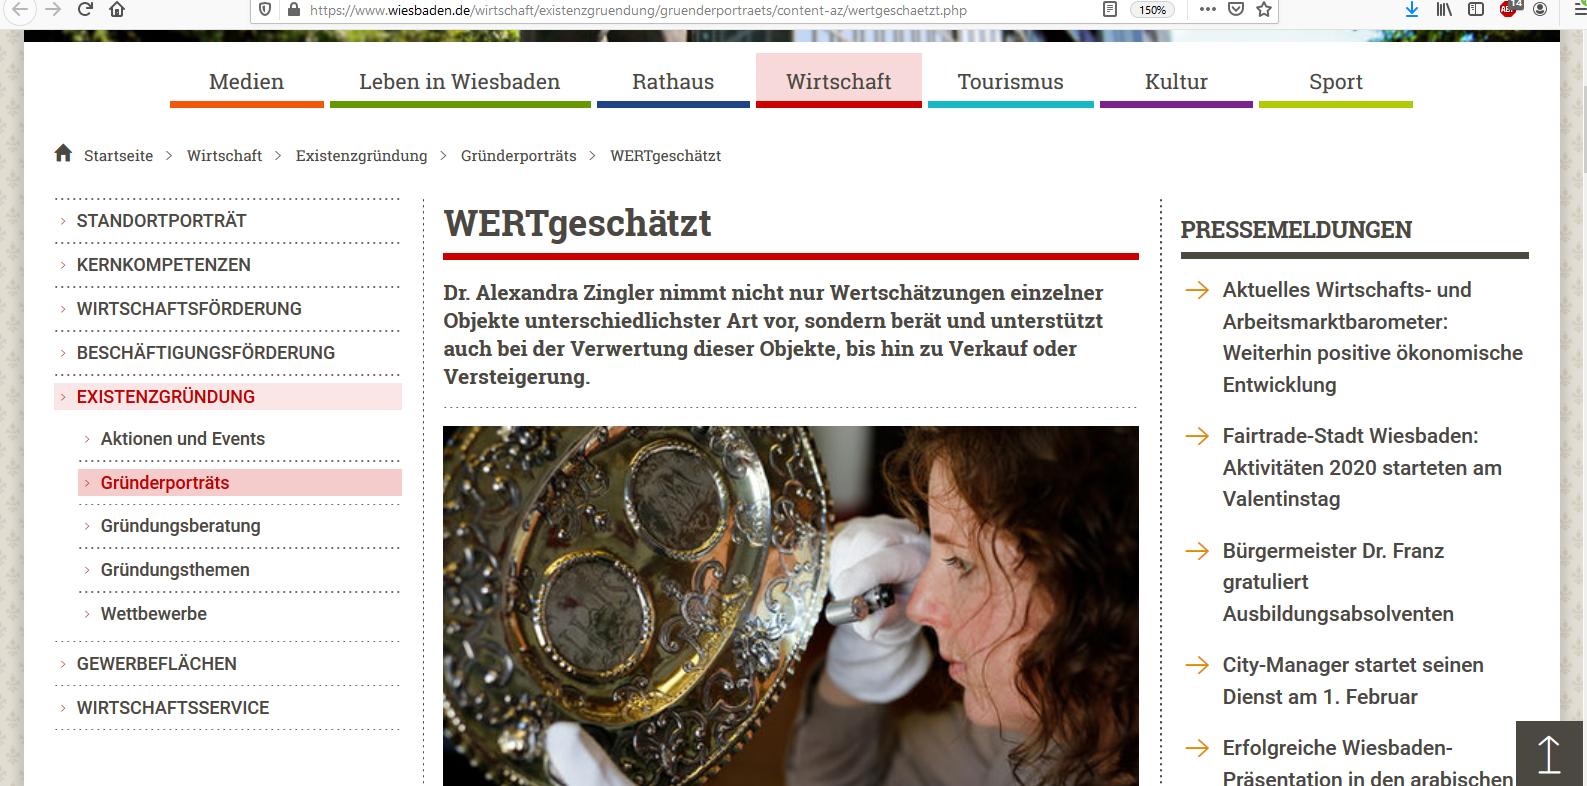 Interview mit der Gründerin von WERTgeschätzt auf wiesbaden.de